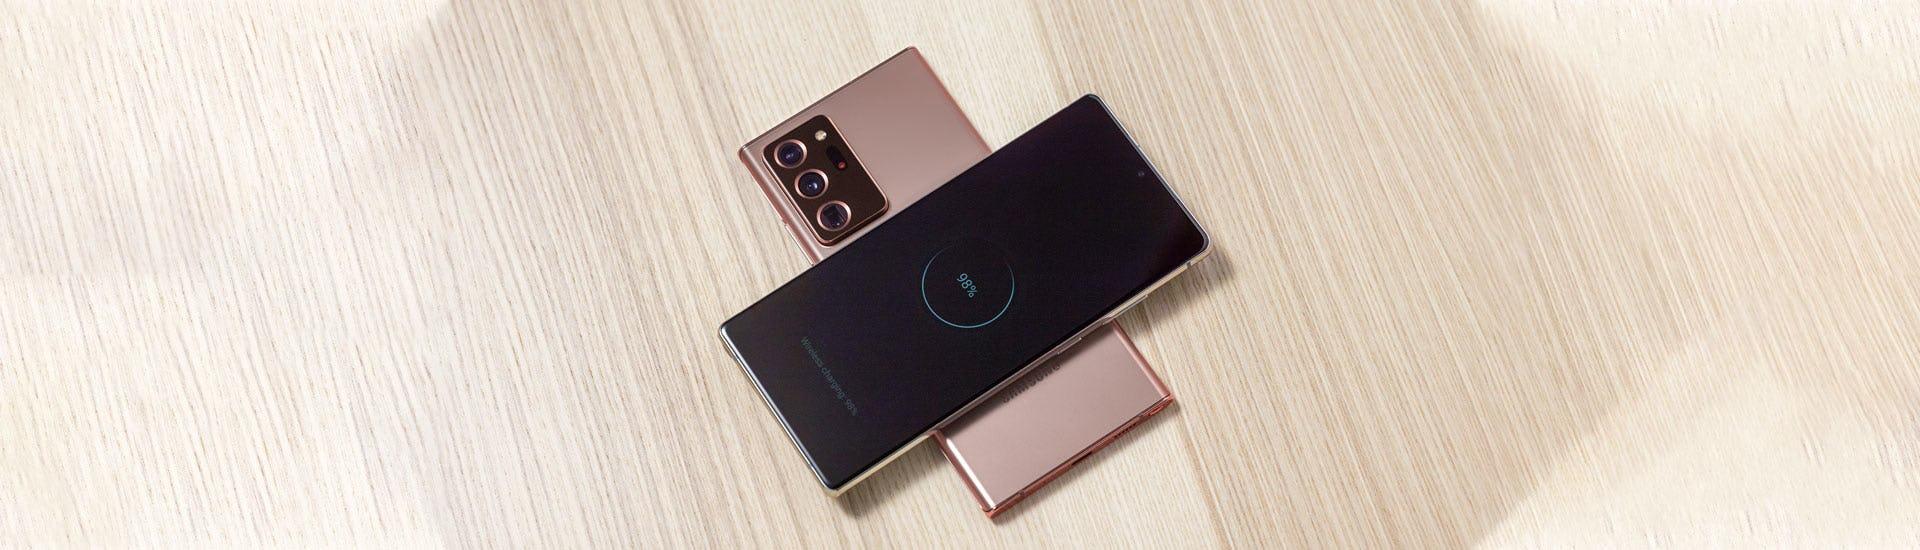 Samsung Galaxy Note 20 -puhelin tukee nopeaa 5G-tekonologiaa